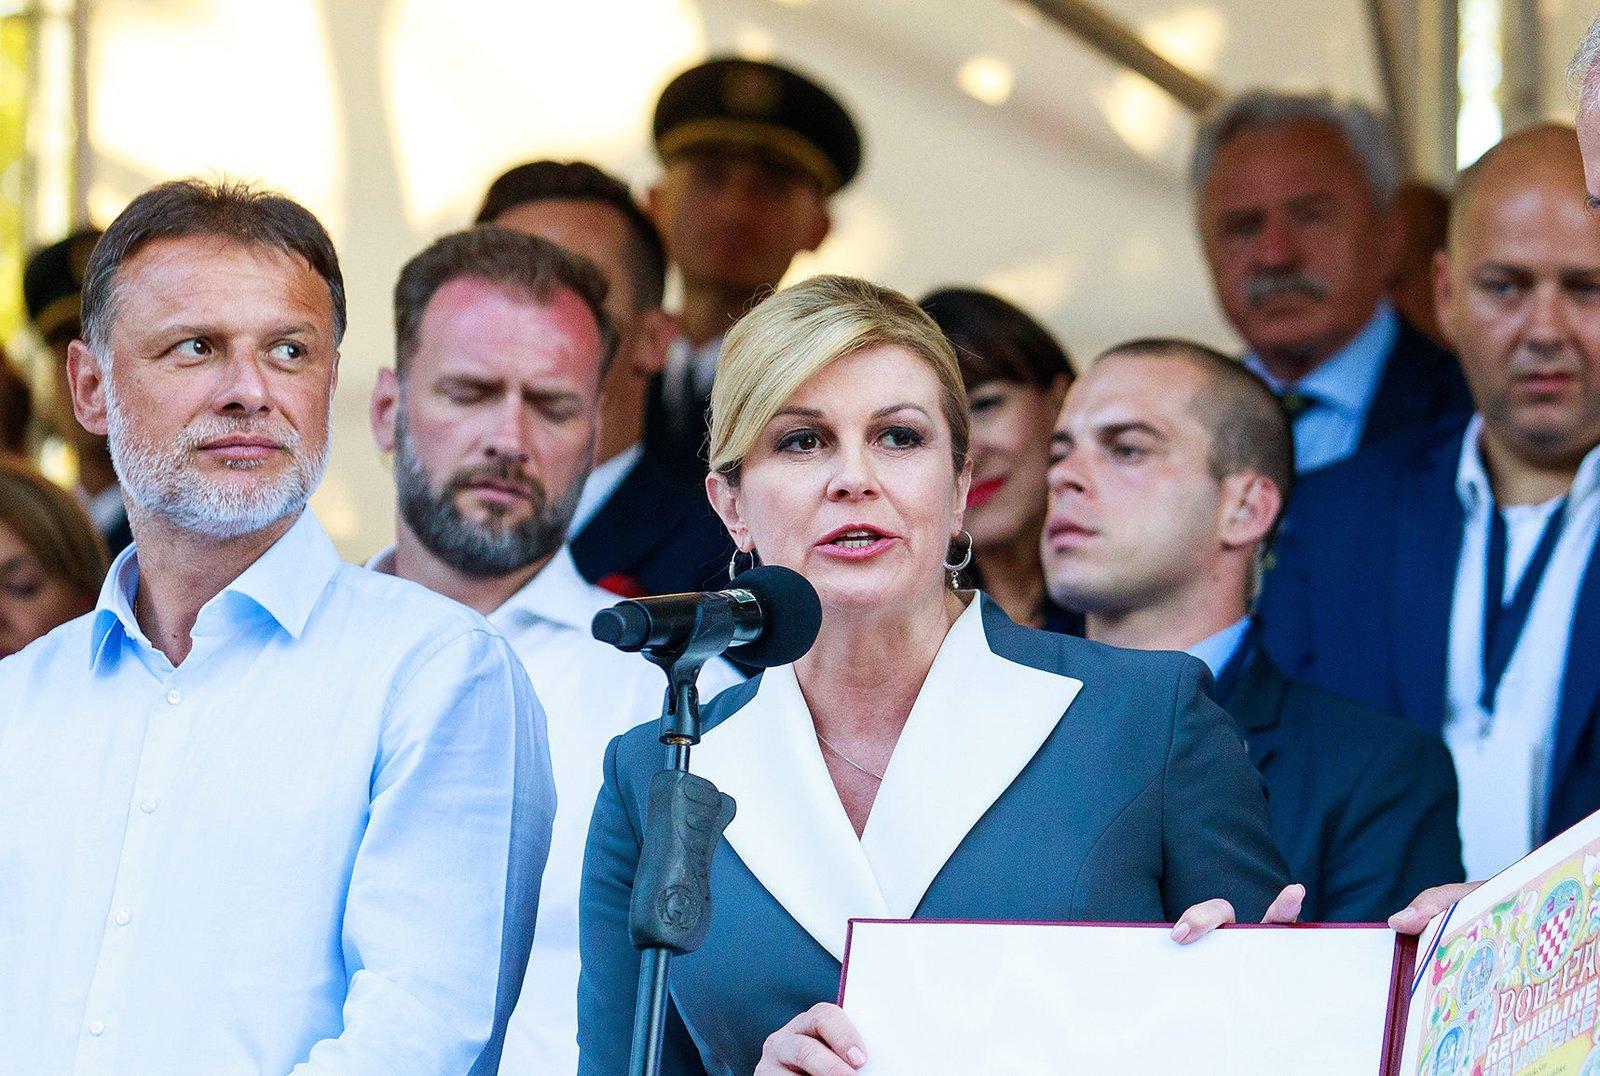 Progovorio urednik Hrvatskog tjednika: Kolindu je nazivao bestidnicom, ali ona ga je iznimno srdačno dočekala